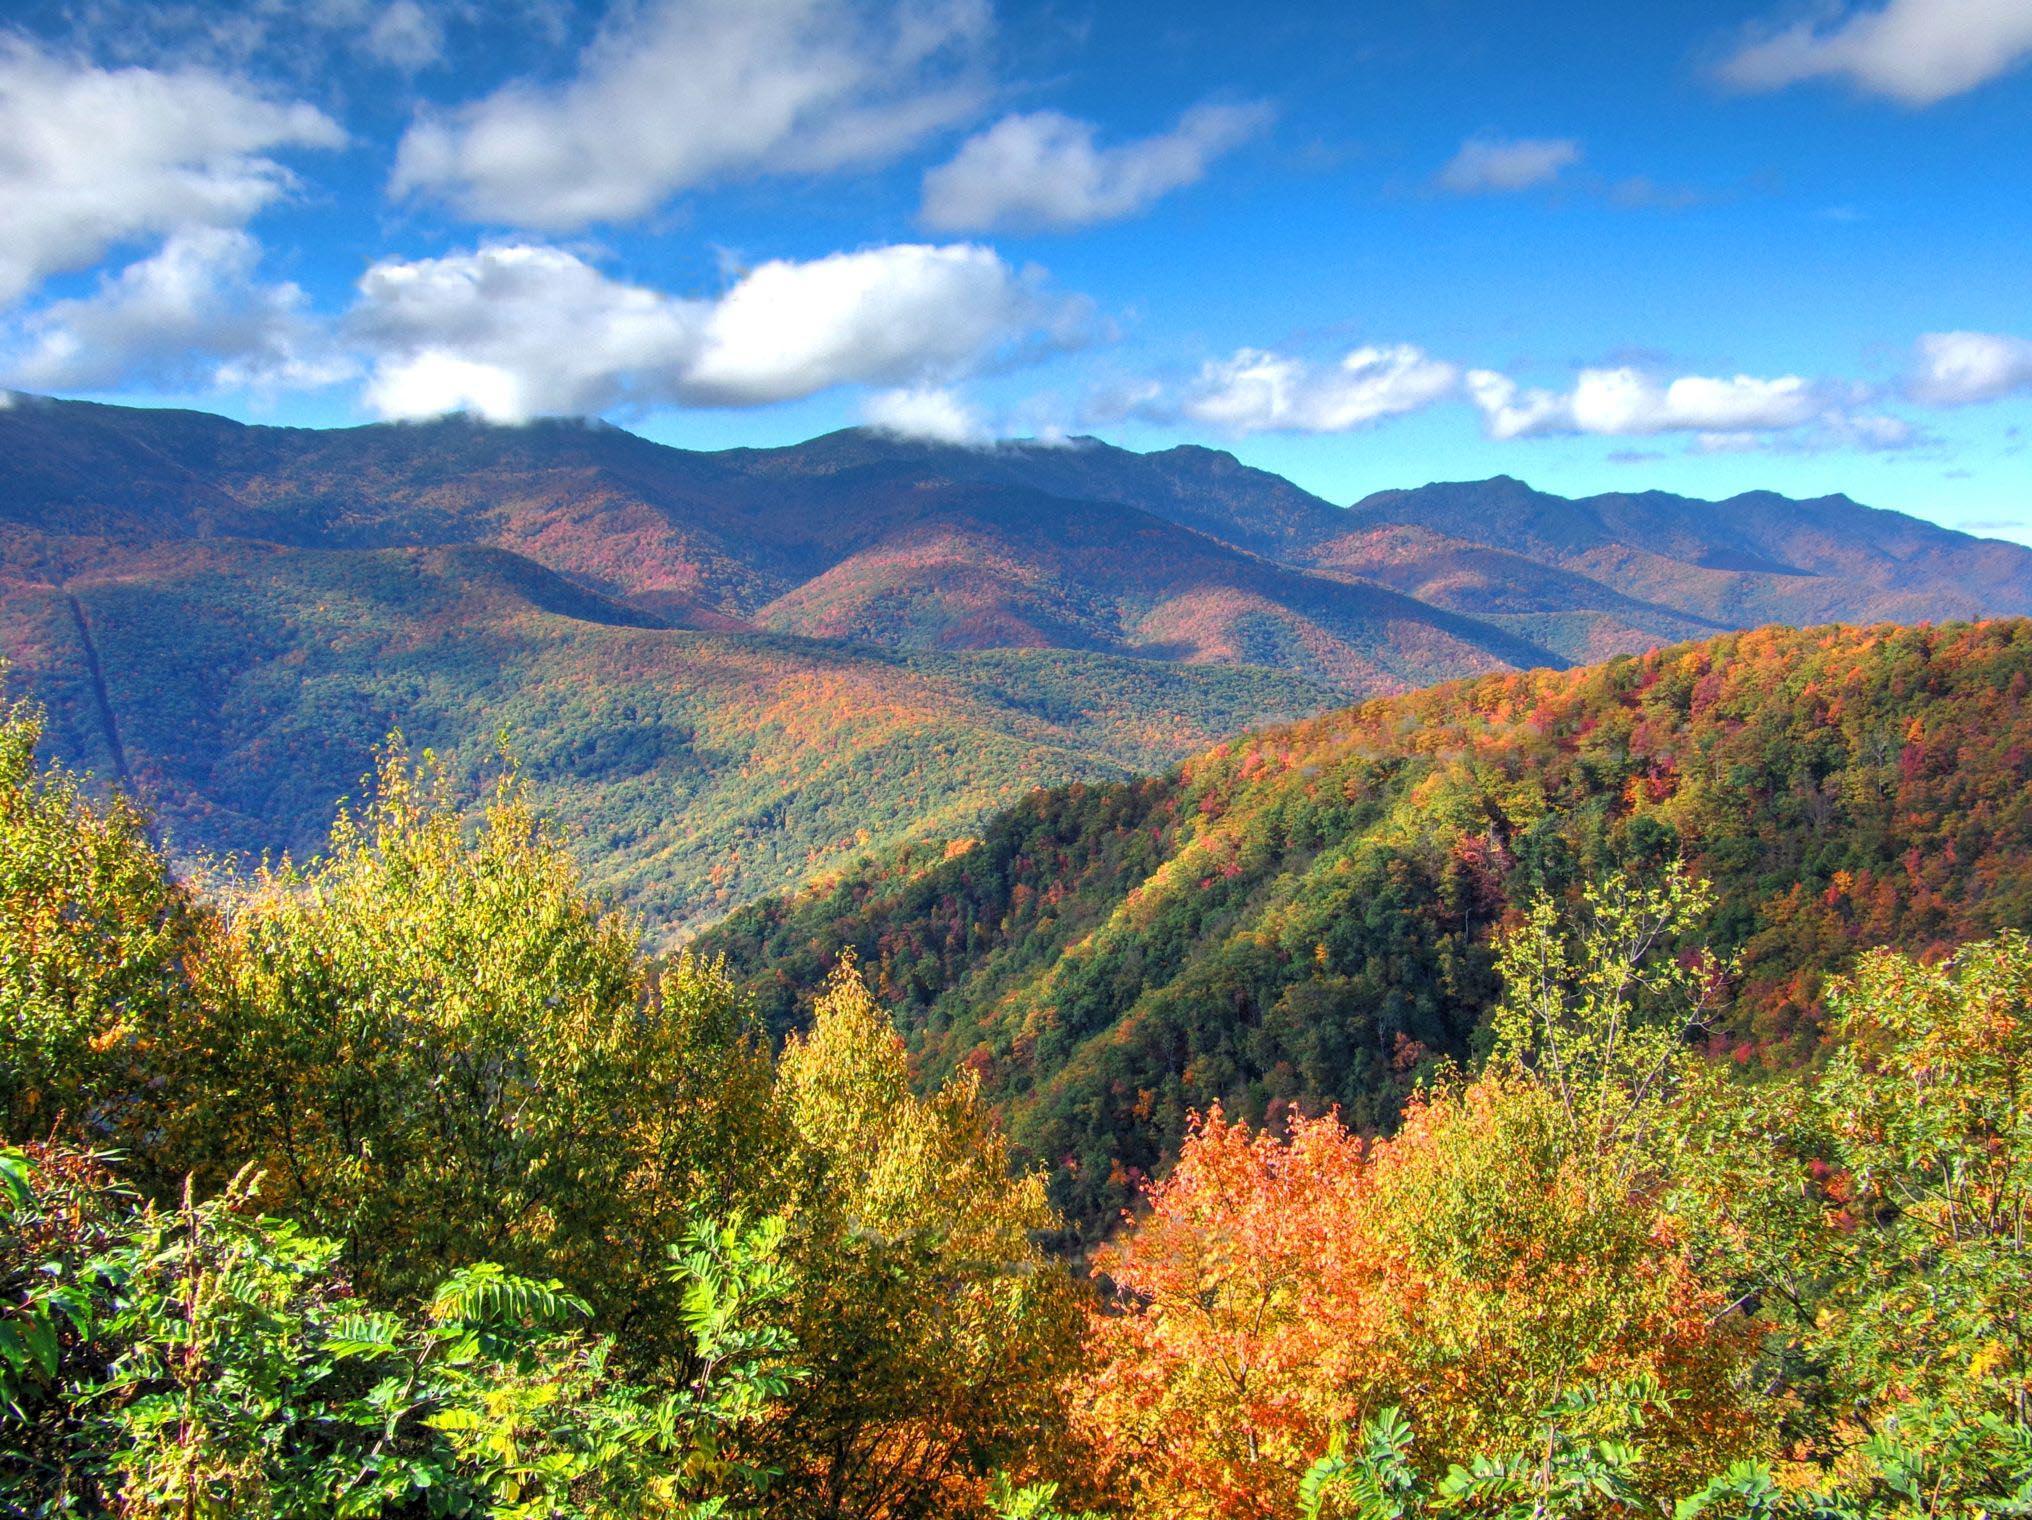 Black Mountains in autumn